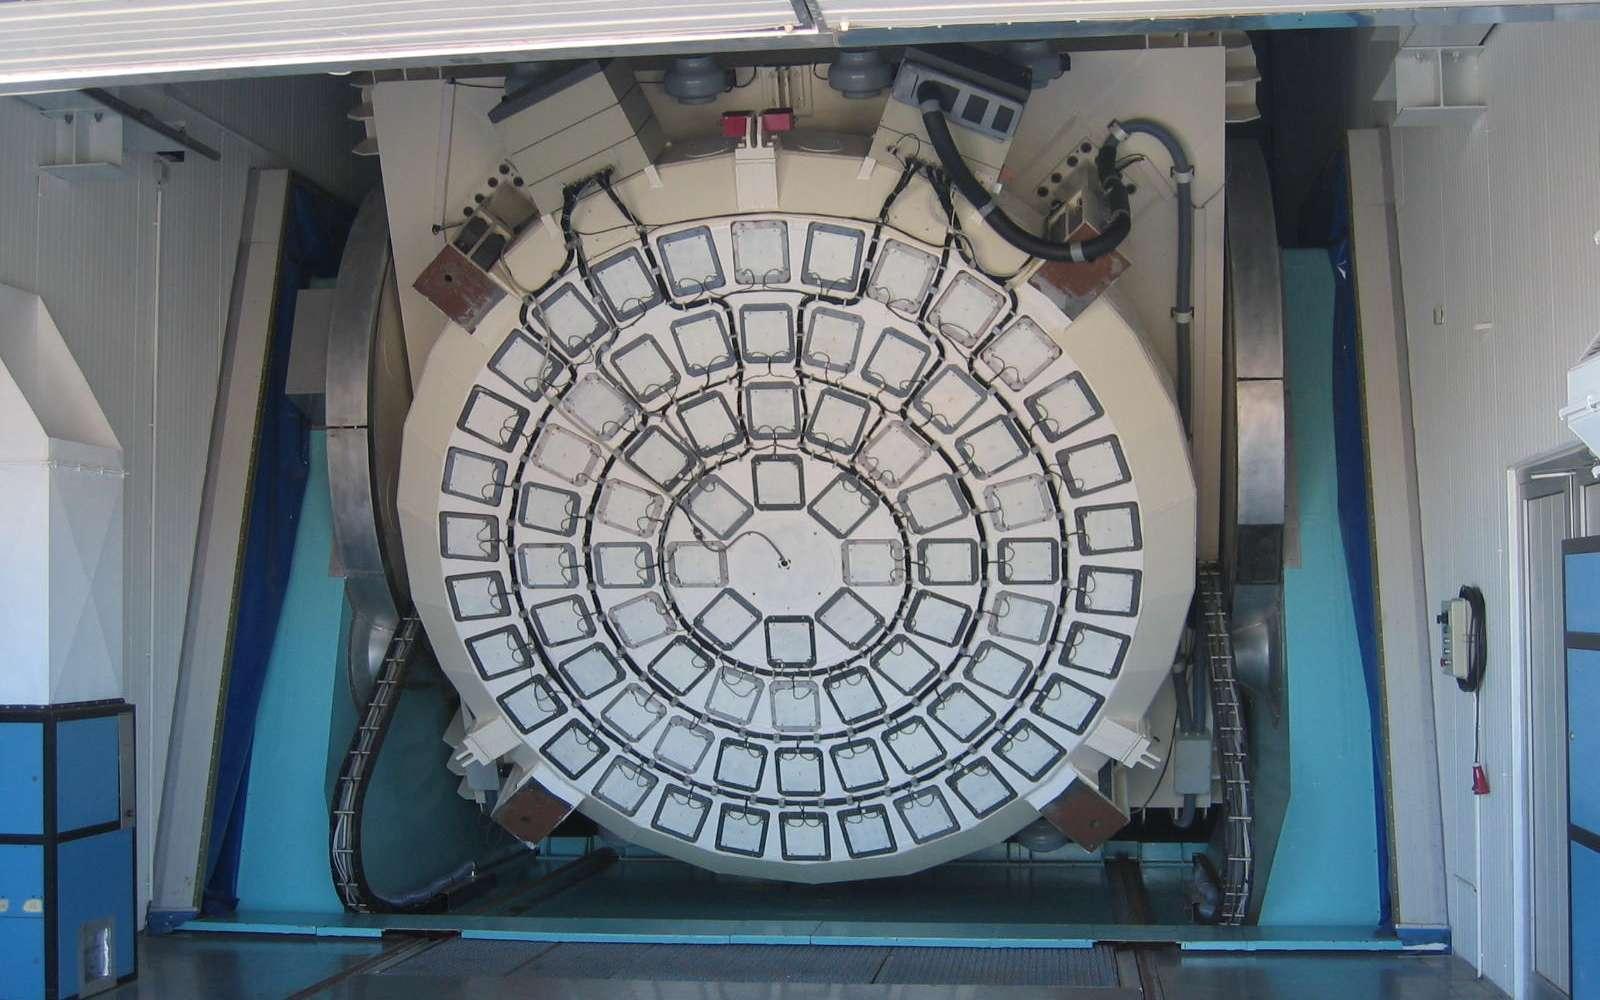 Miroir à optique active du NTT (New Technology Telescope) à l'observatoire de La Silla (Chili). © Wikipedia-denys